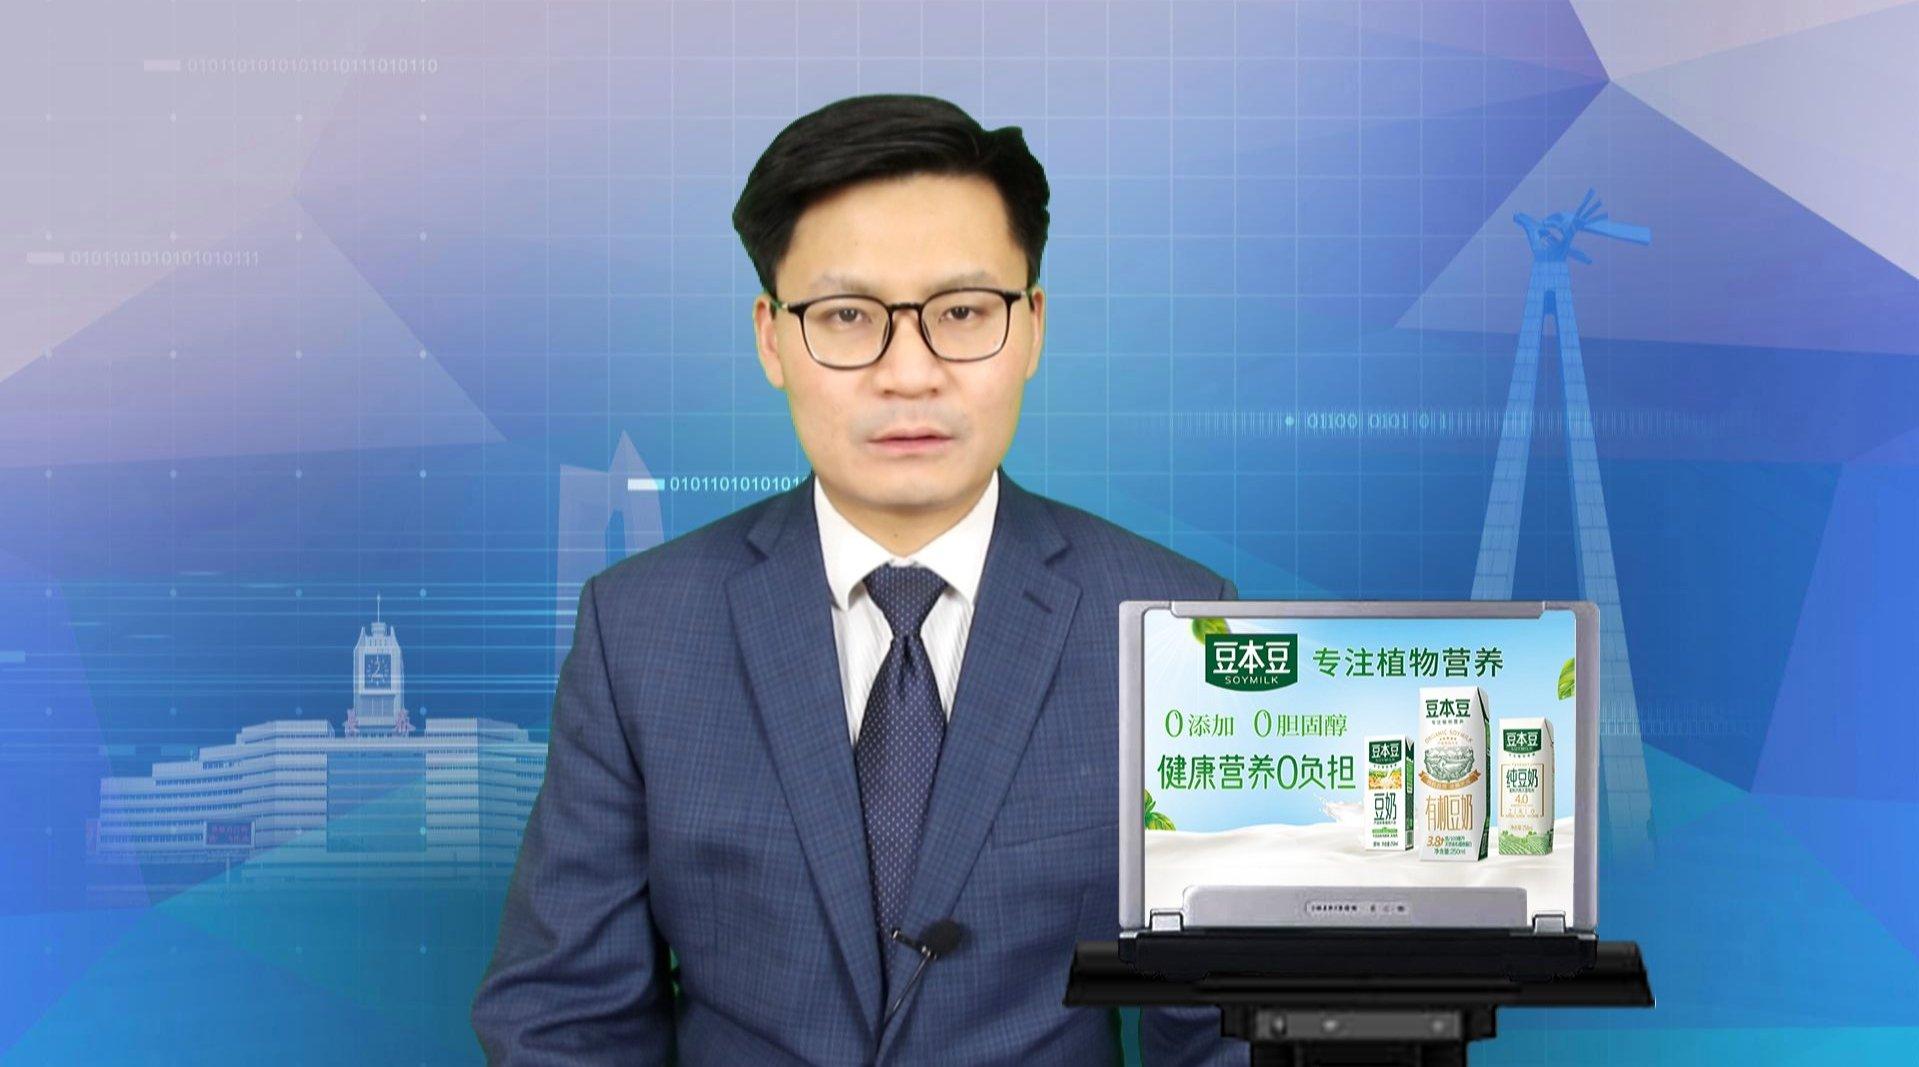 孙兴杰: 武汉付出巨大努力 为中国乃至世界作出重大贡献